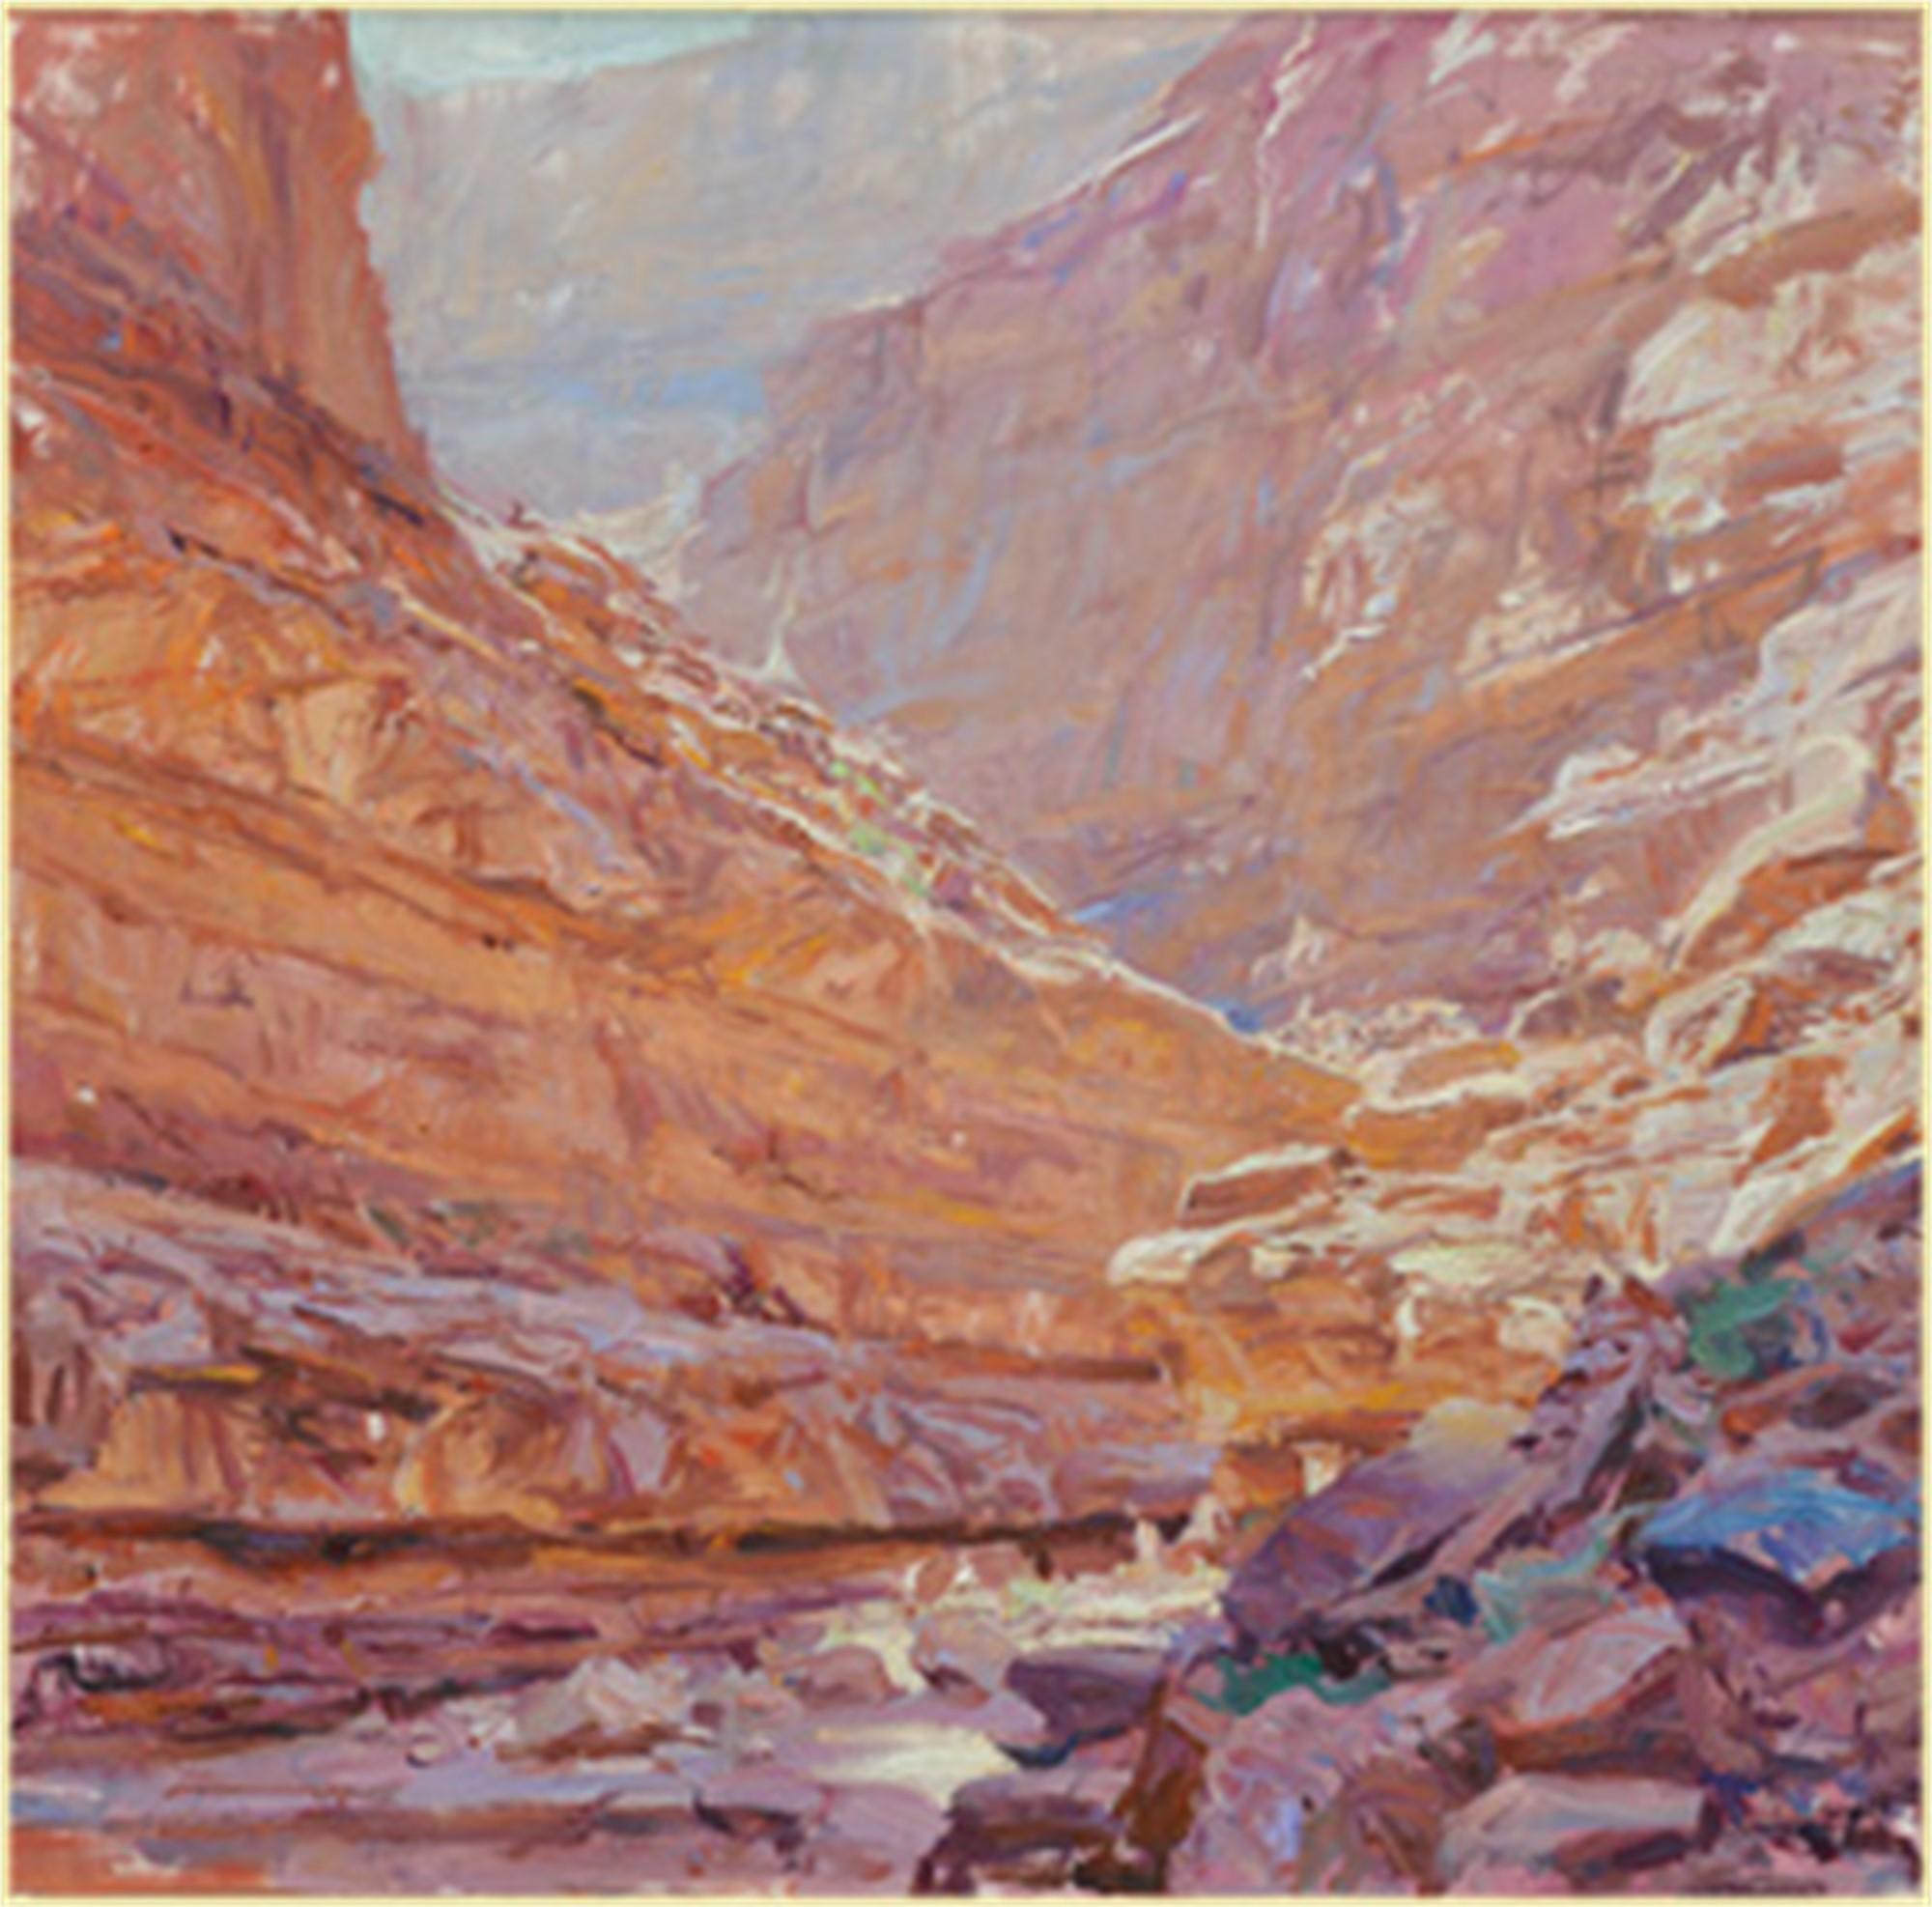 Slot Canyon, Grand Canyon by Quang Ho